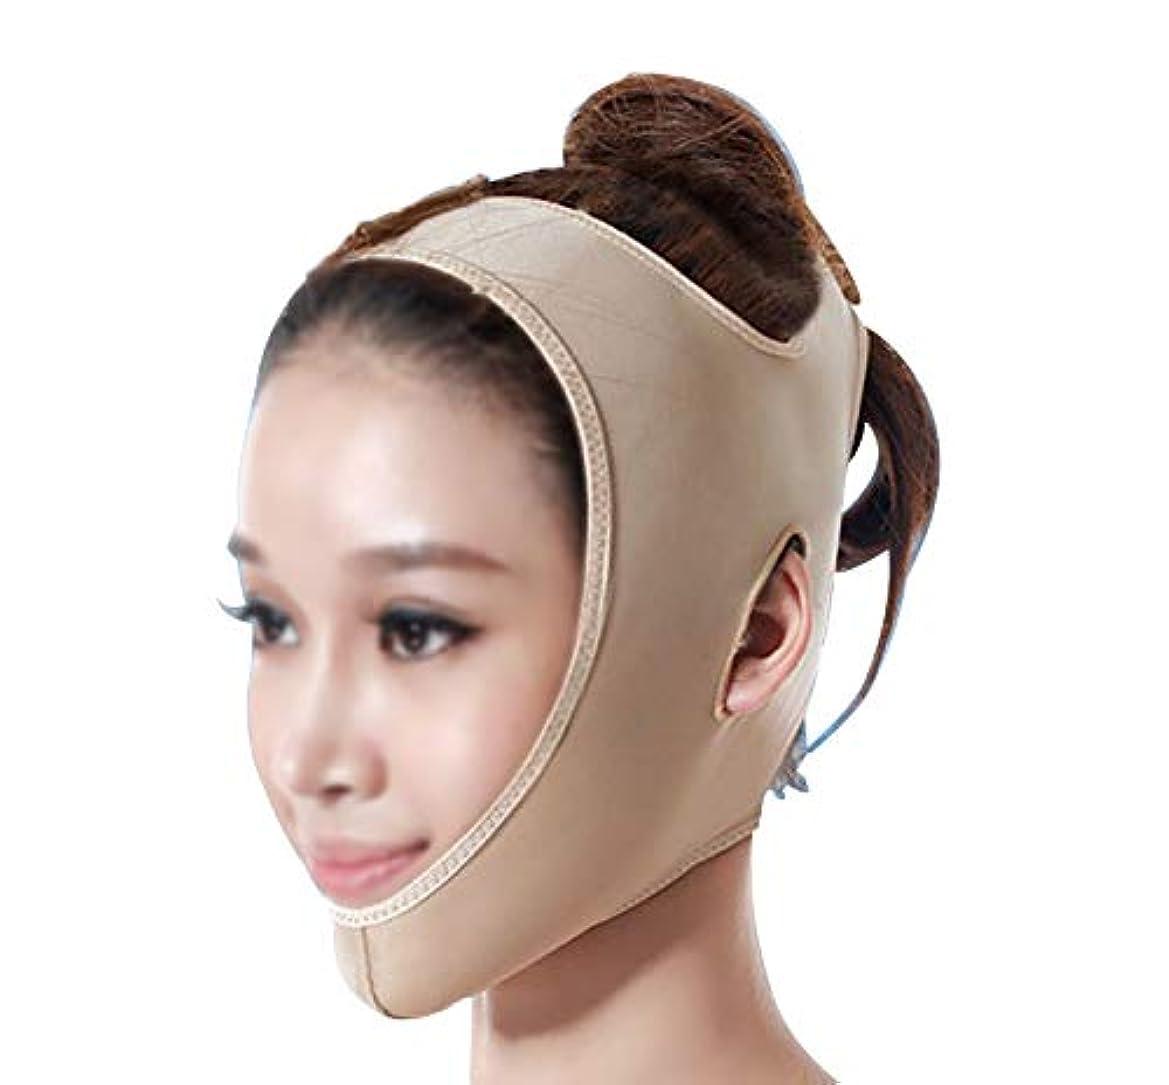 大邸宅困難改善するTLMY 引き締めマスクマスク美容薬マスク美容V顔包帯ライン彫刻引き締めしっかりダブルチンマスク 顔用整形マスク (Size : XL)